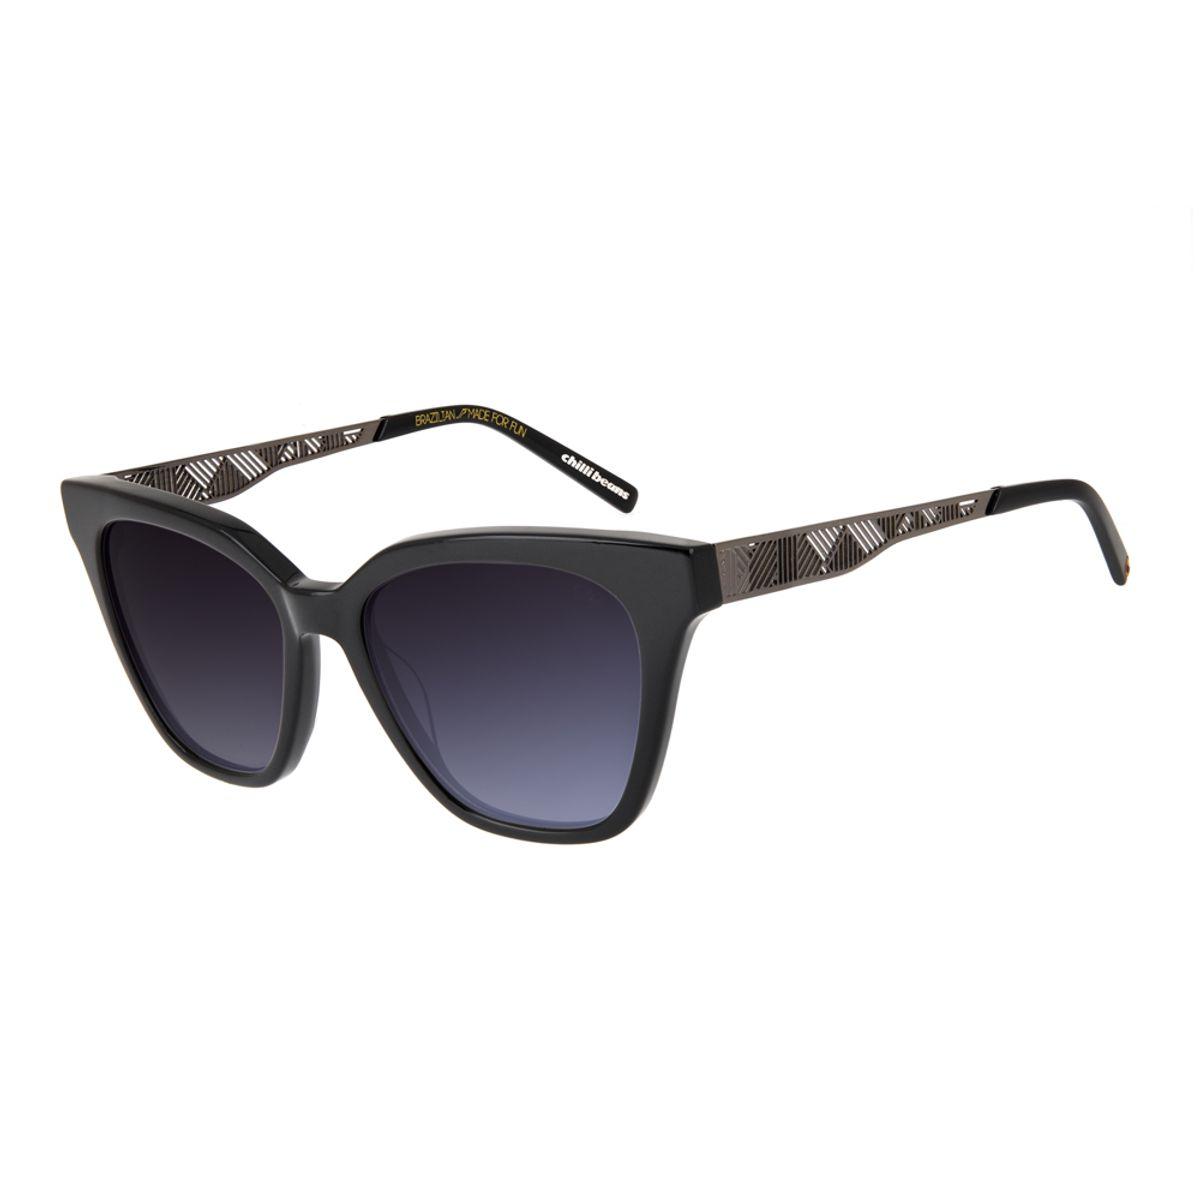 462268172fed9 Óculos de Sol Chilli Beans Feminino Arte de Rua Cranio Indígena ...